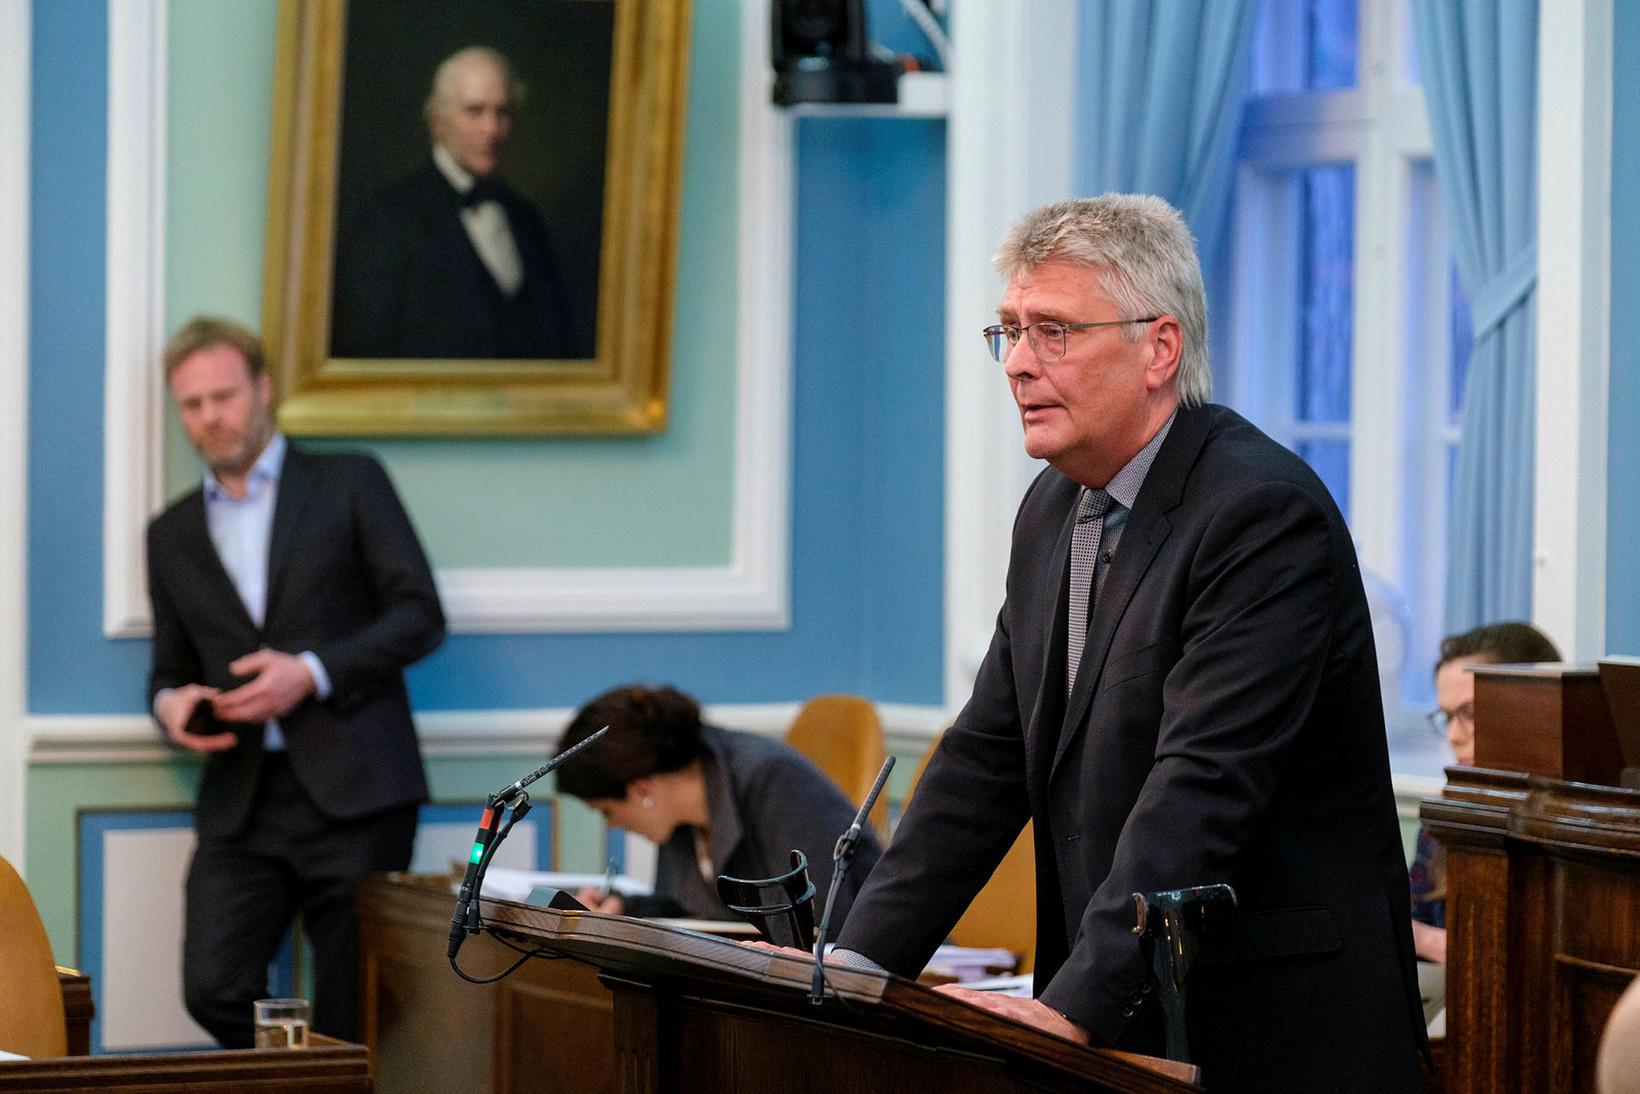 Guðmundur Ingi Kristinsson talaði næstmest, annað árið í röð.